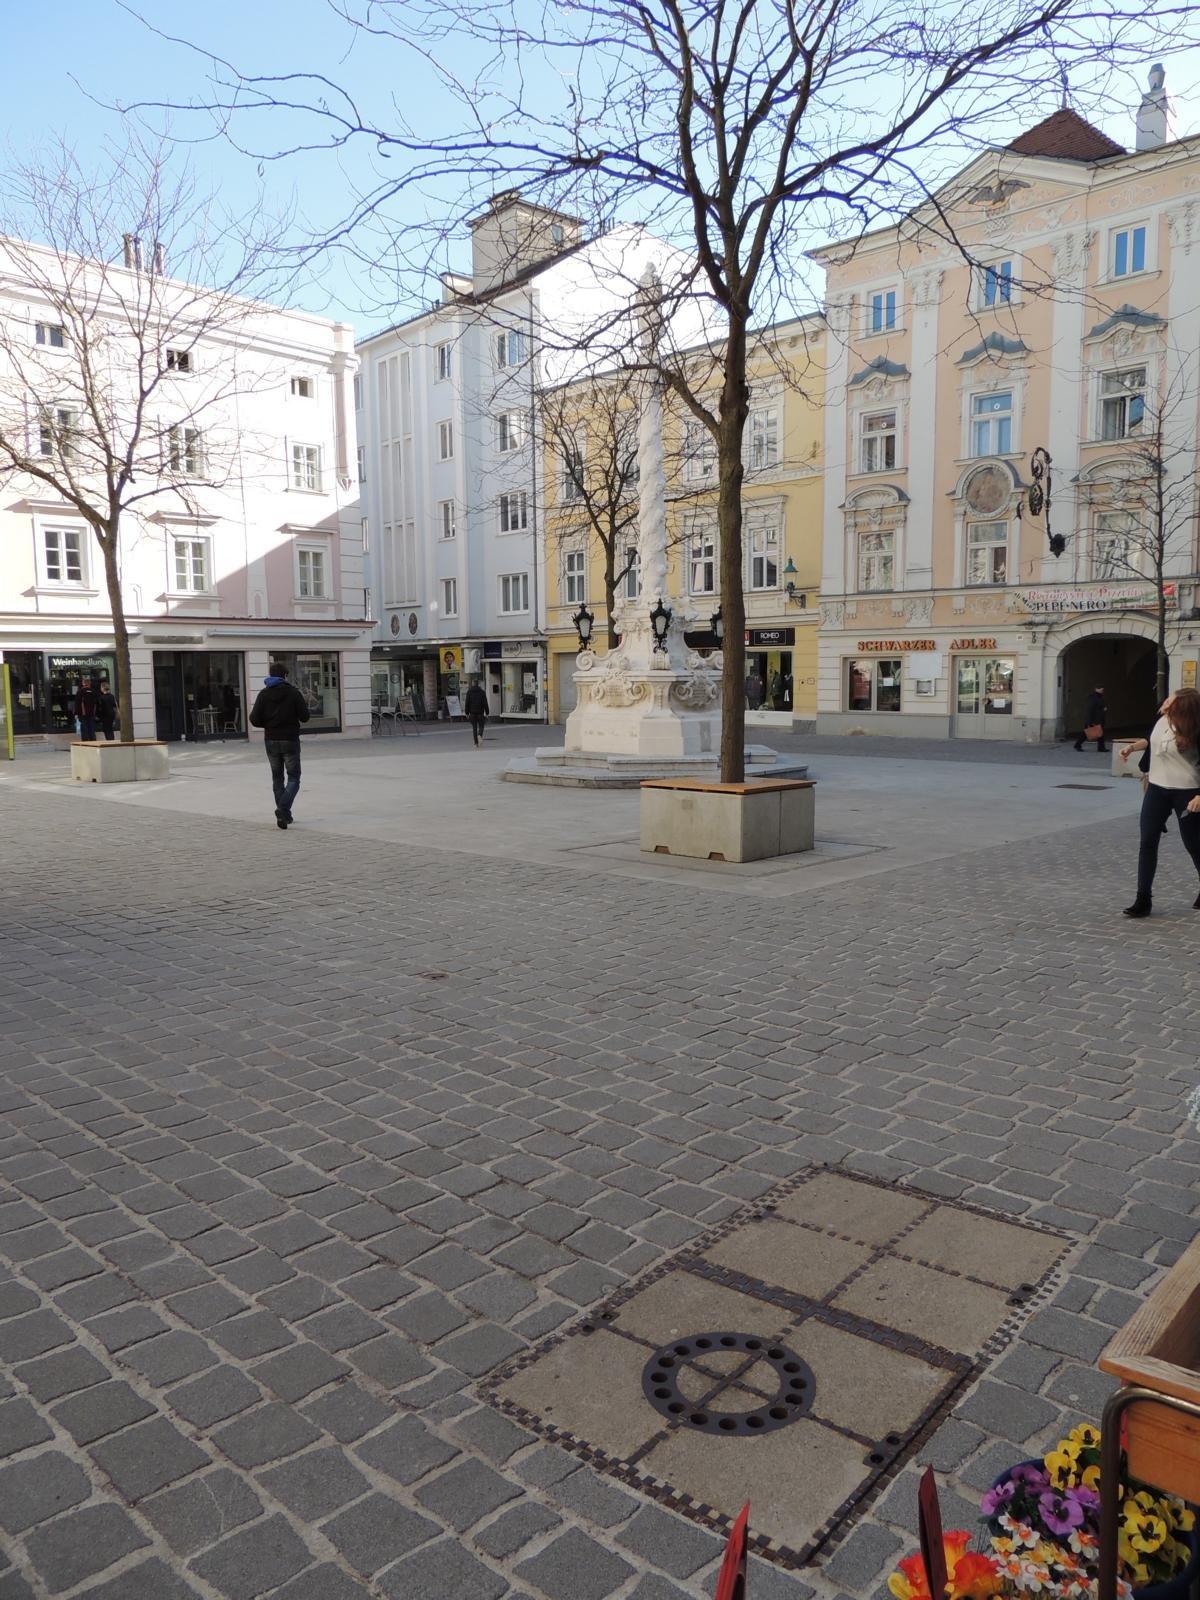 St. Pölten - Herrenplatz1